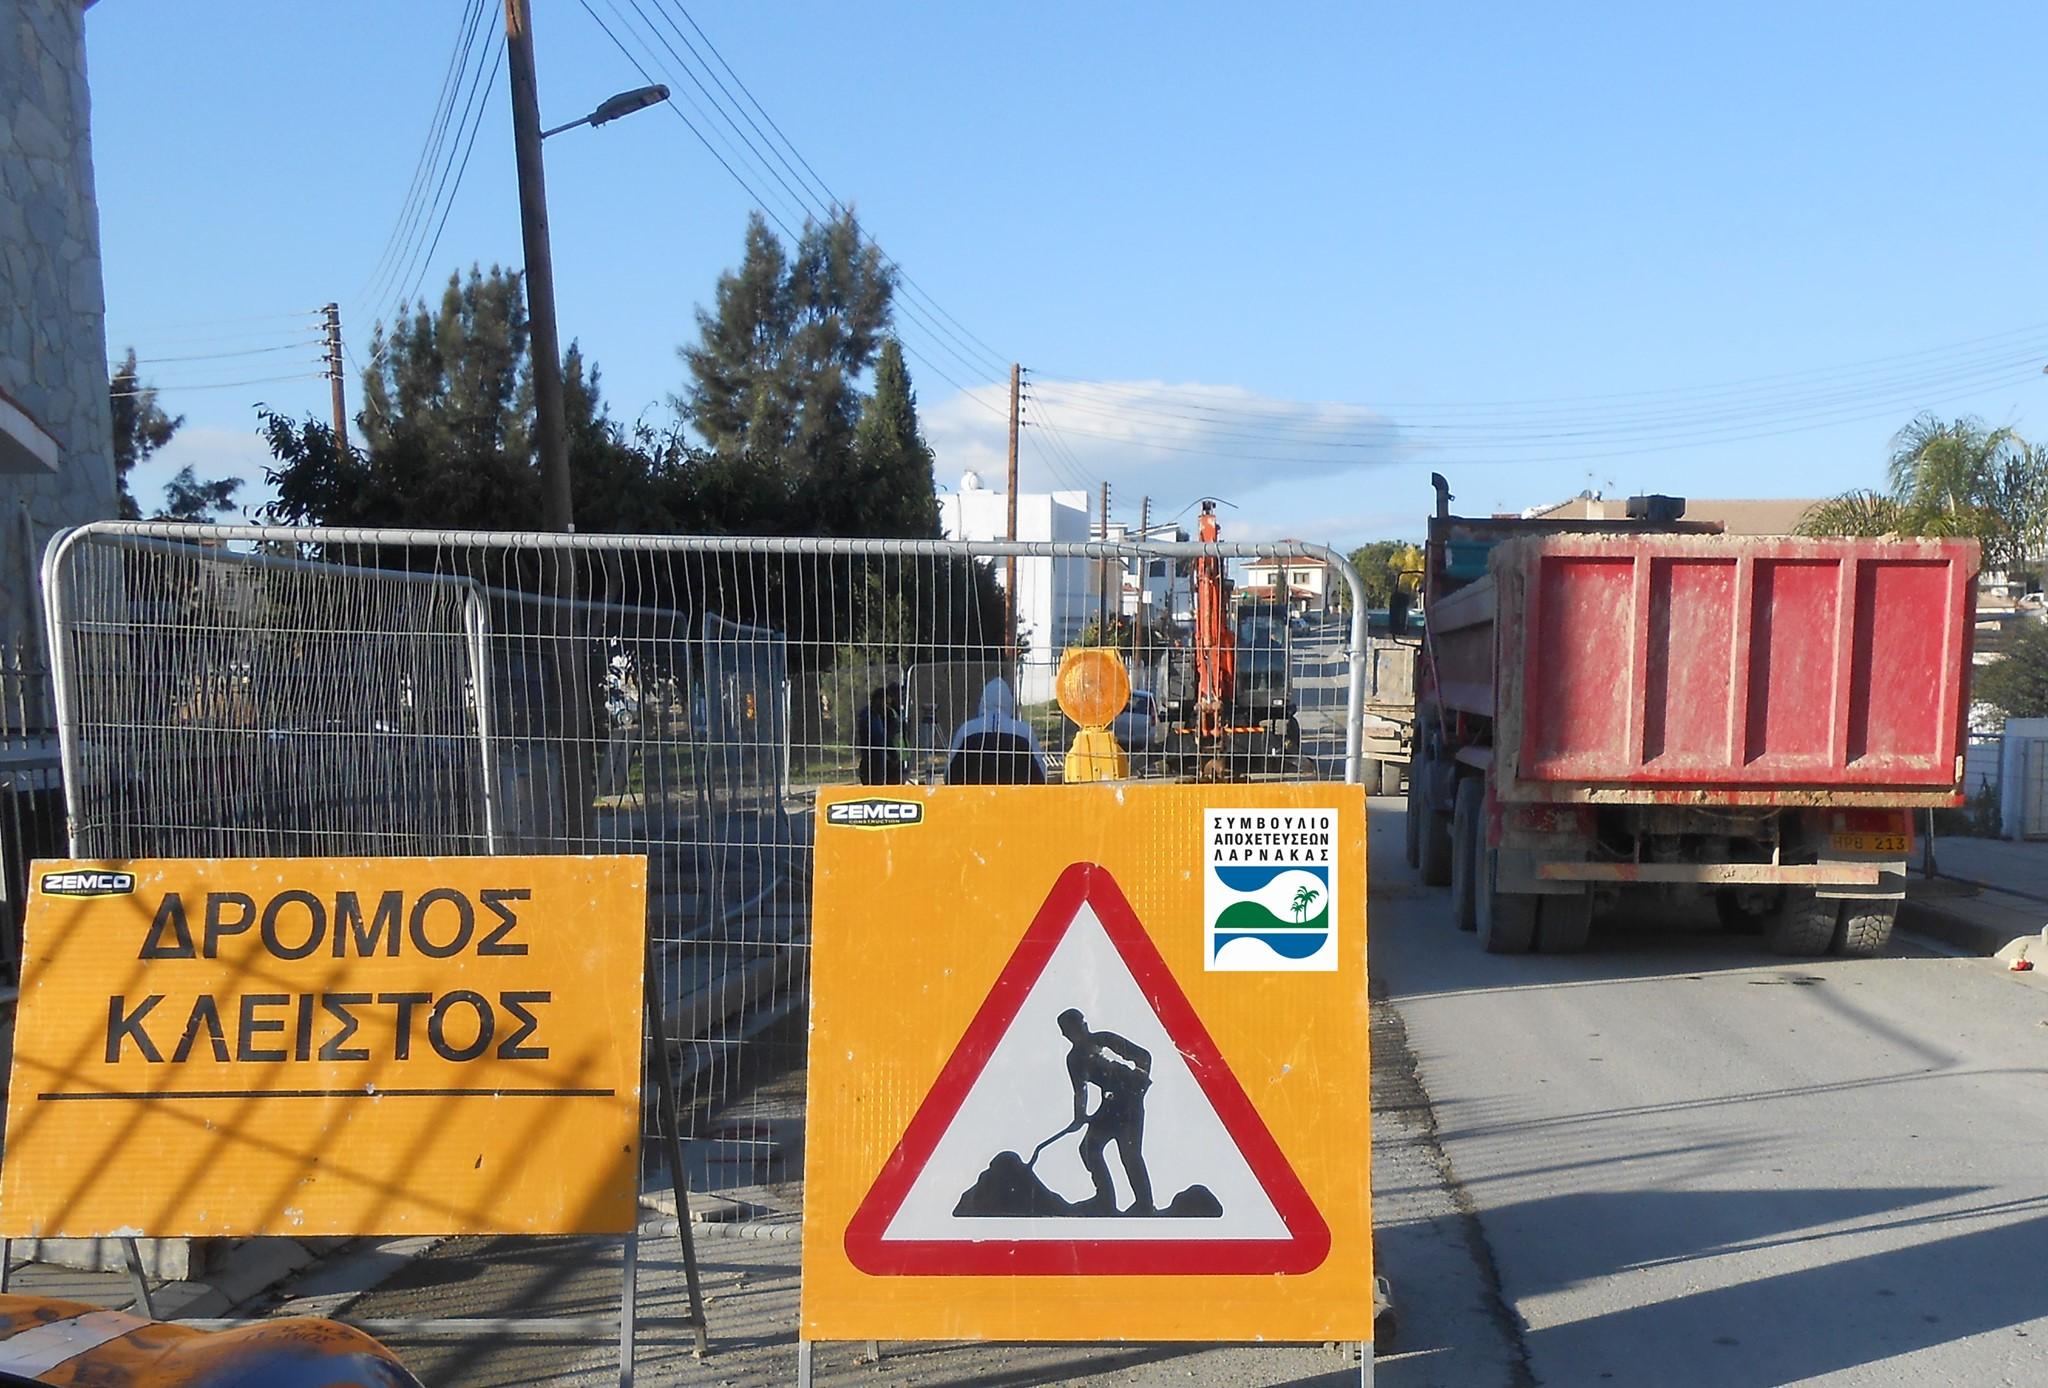 Δείτε ποιοι δρόμοι είναι κλειστοί αυτή την εβδομάδα στη Λάρνακα λόγω κατασκευαστικών έργων